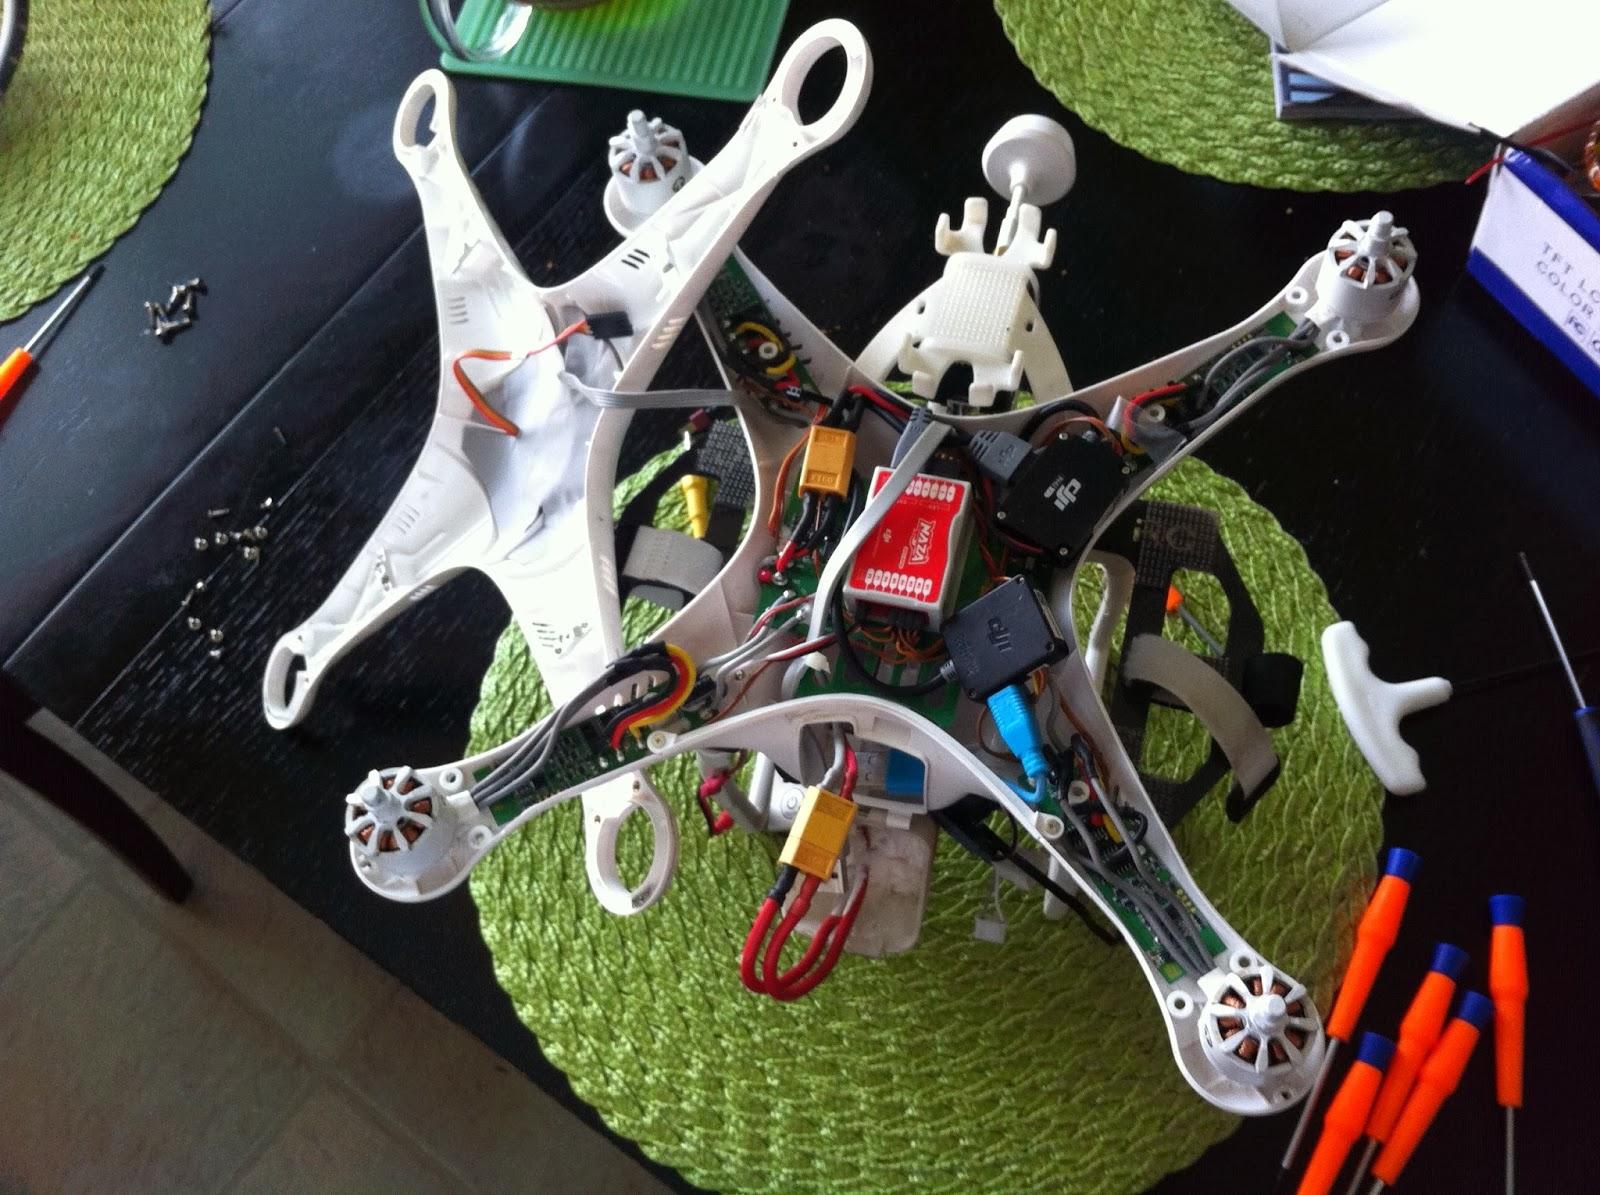 dji drone update  | 915 x 387